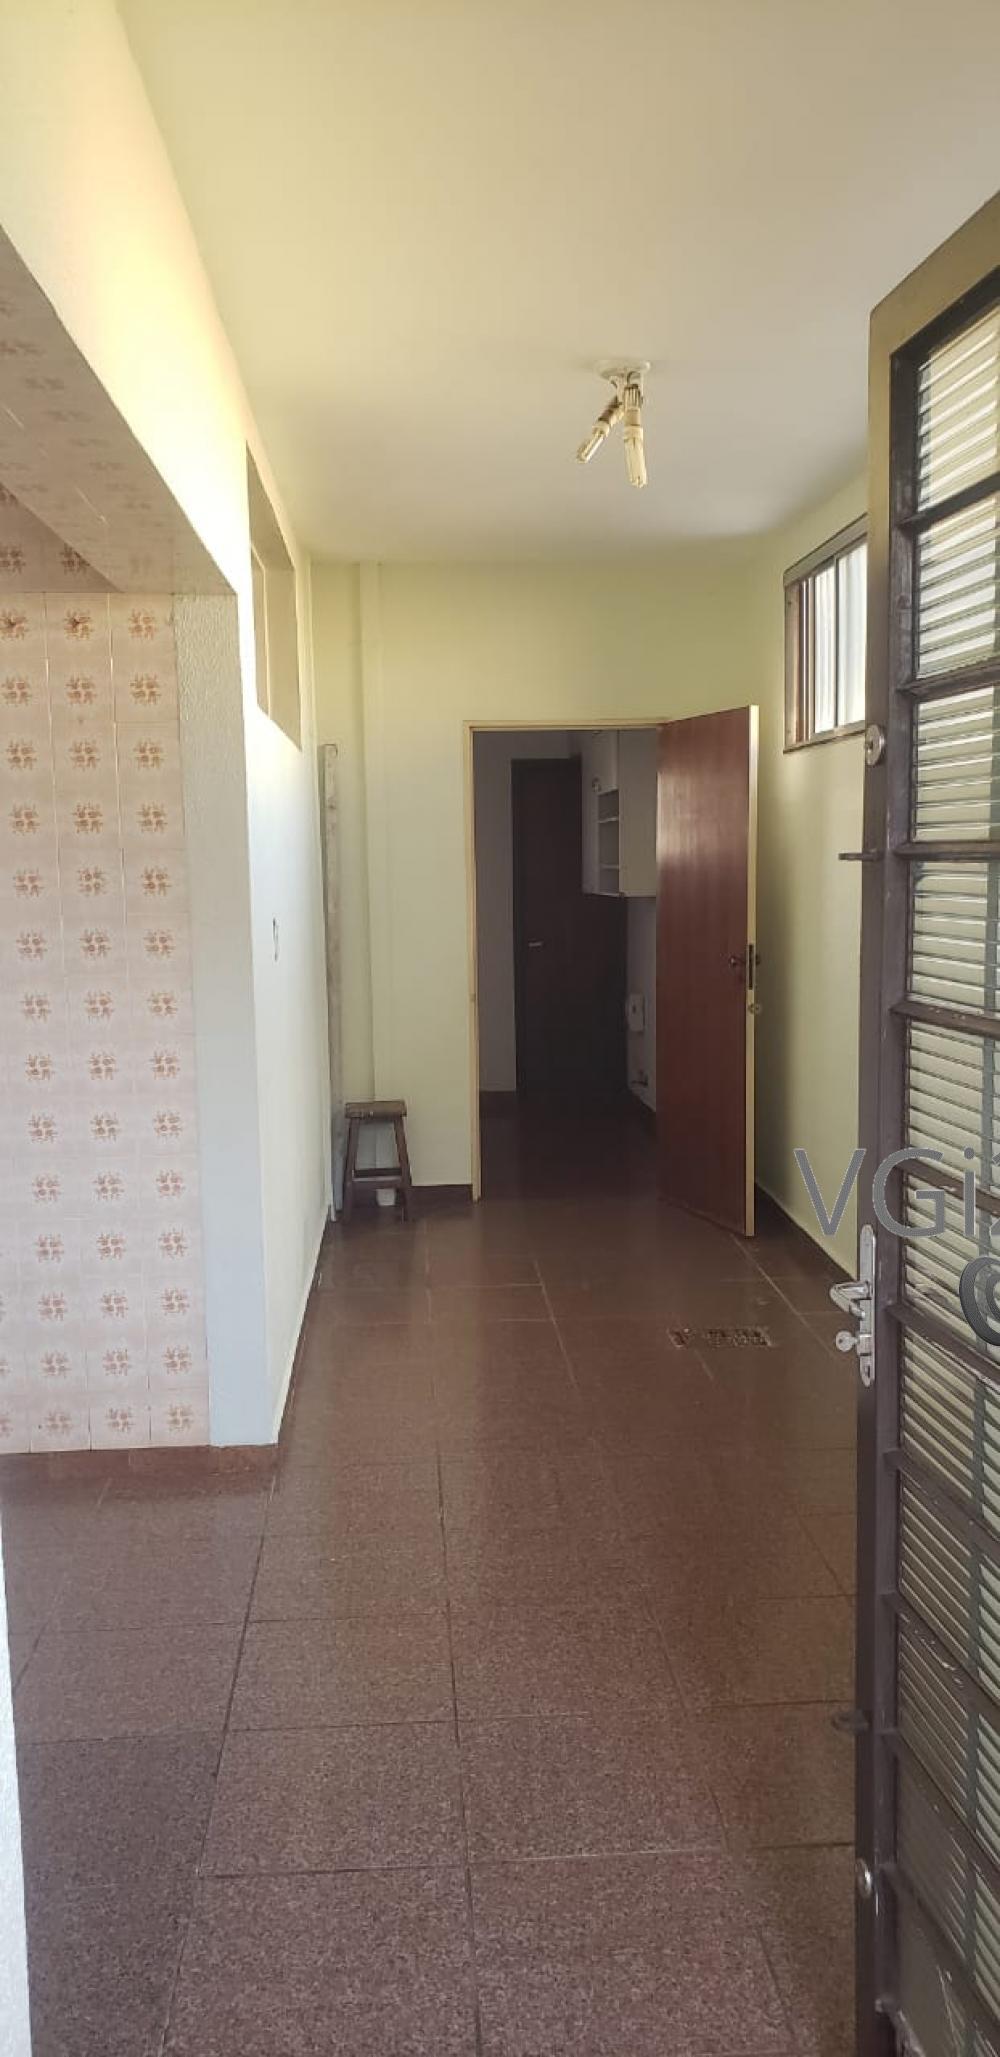 Comprar Casa / Padrão em Ribeirão Preto R$ 435.000,00 - Foto 20